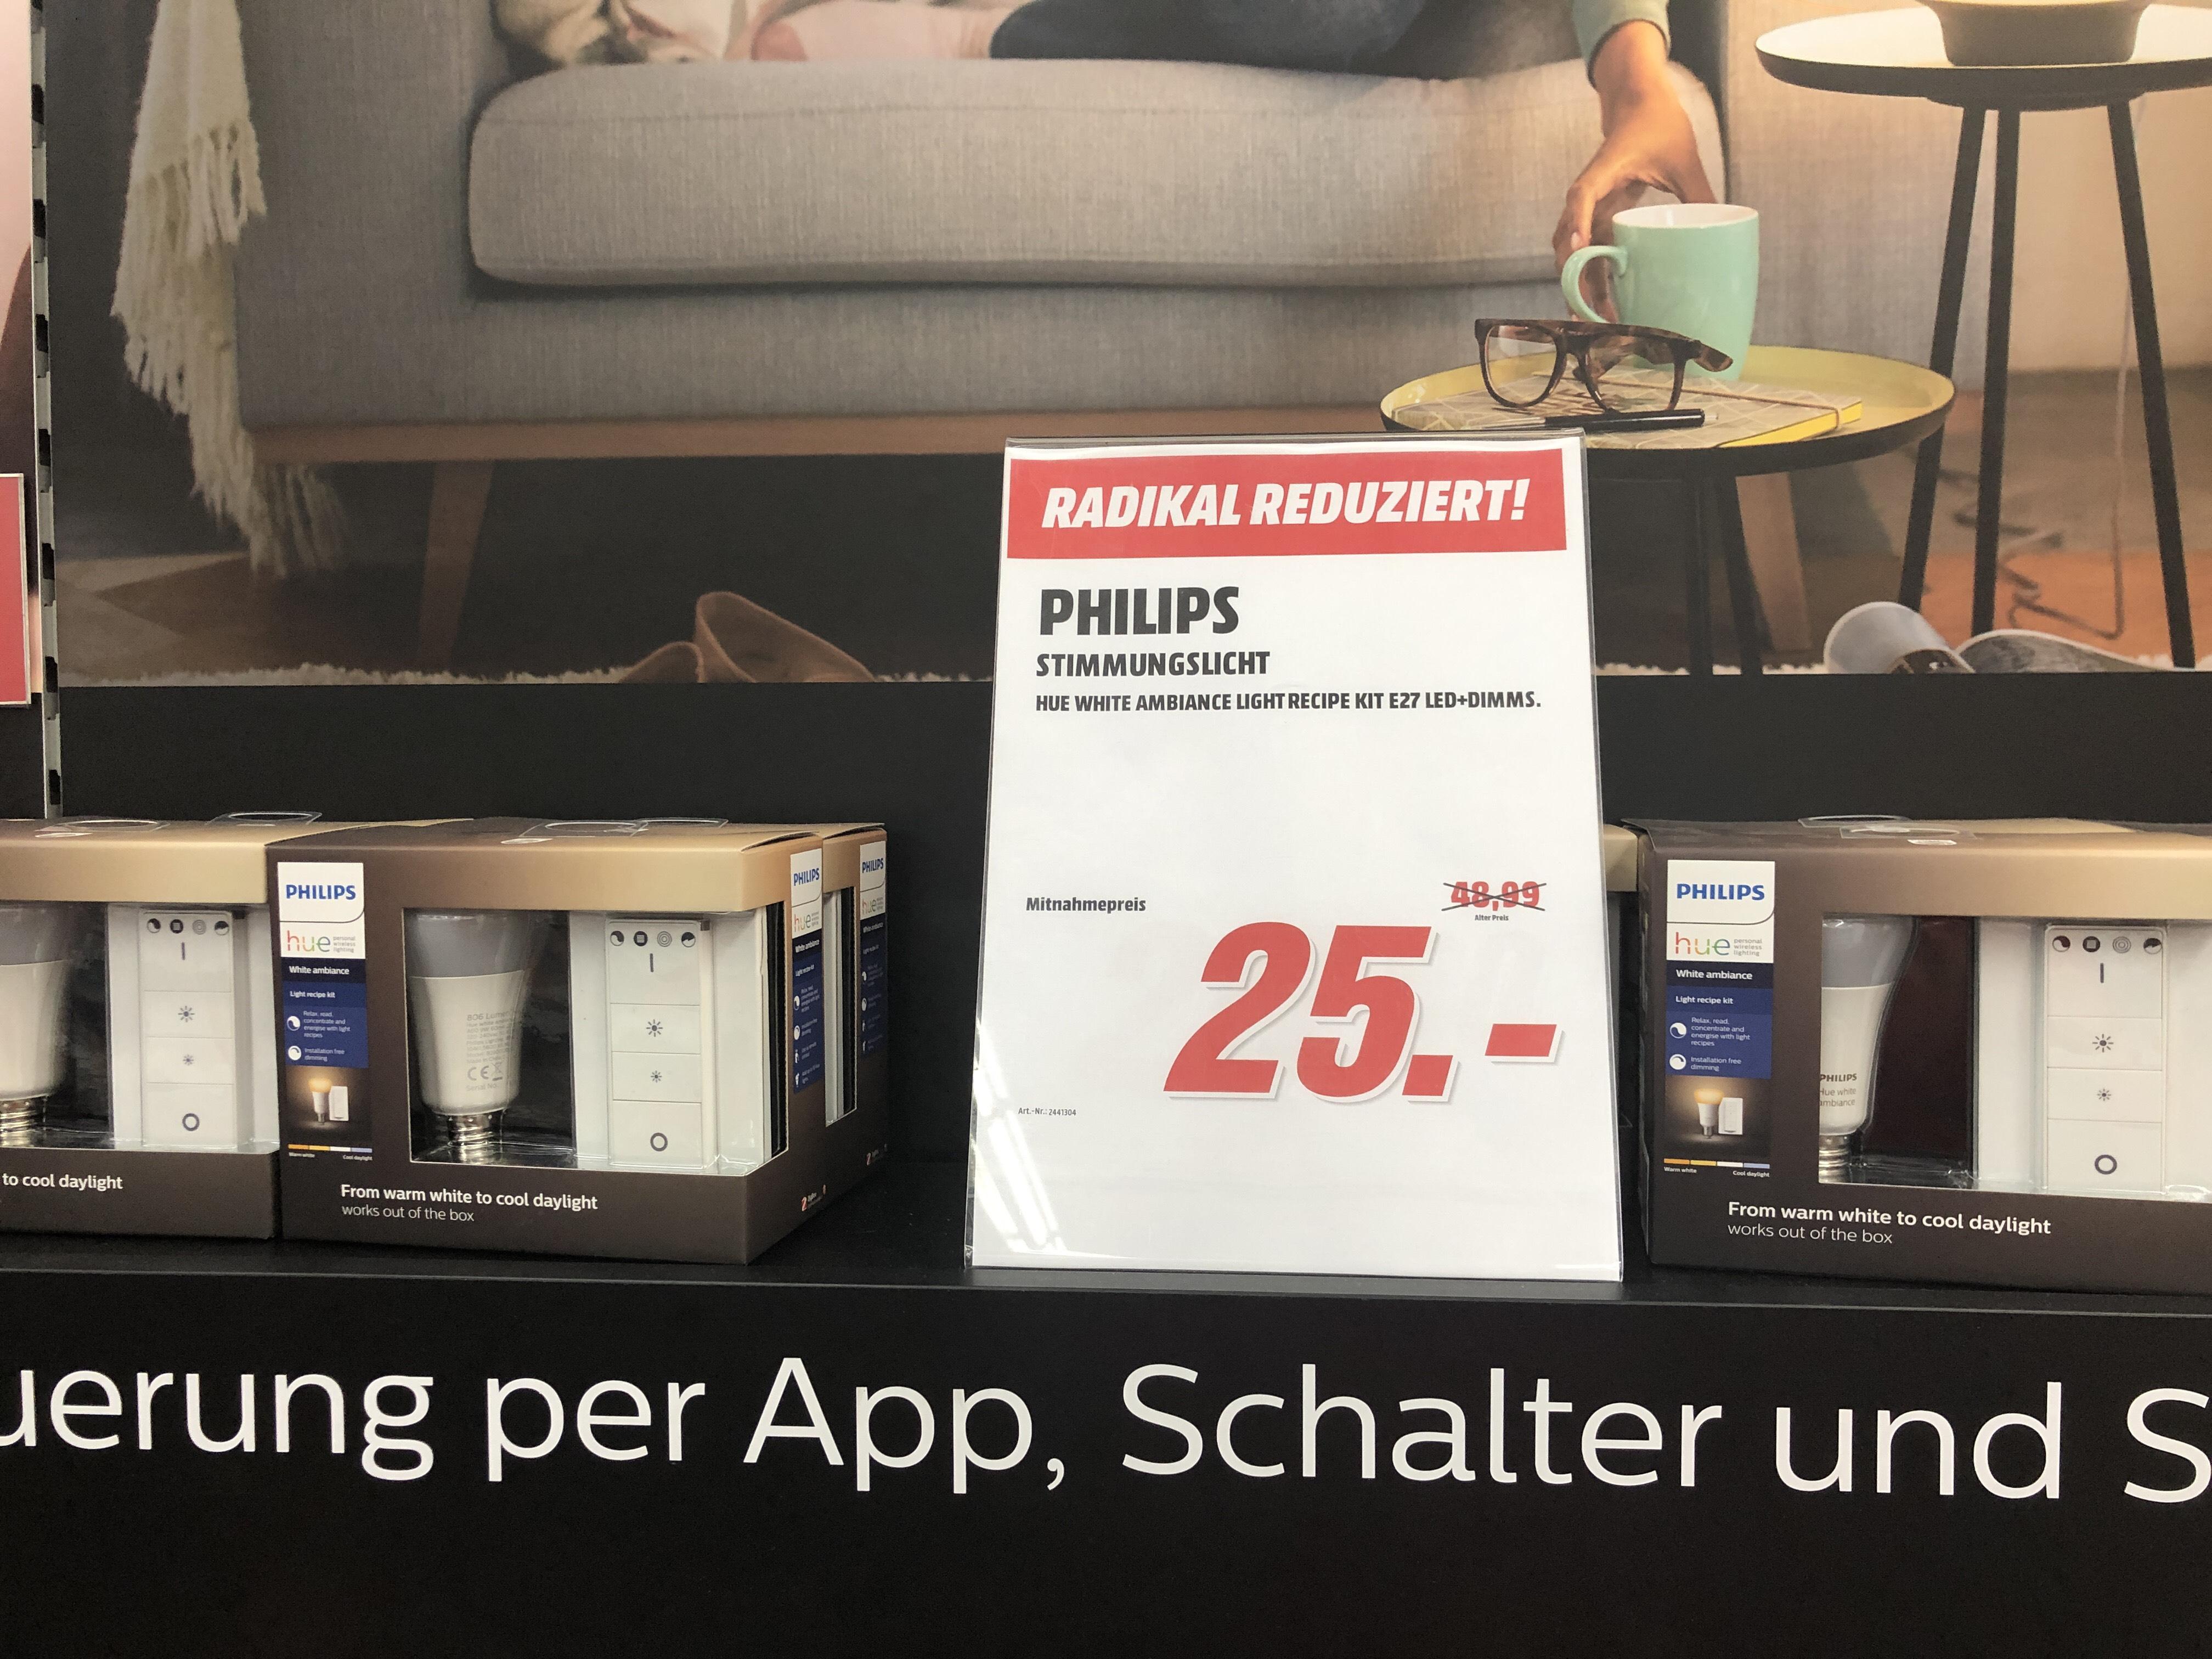 [Lokal] [Mediamarkt Bonn] Philips HUE Light Recipe Kit